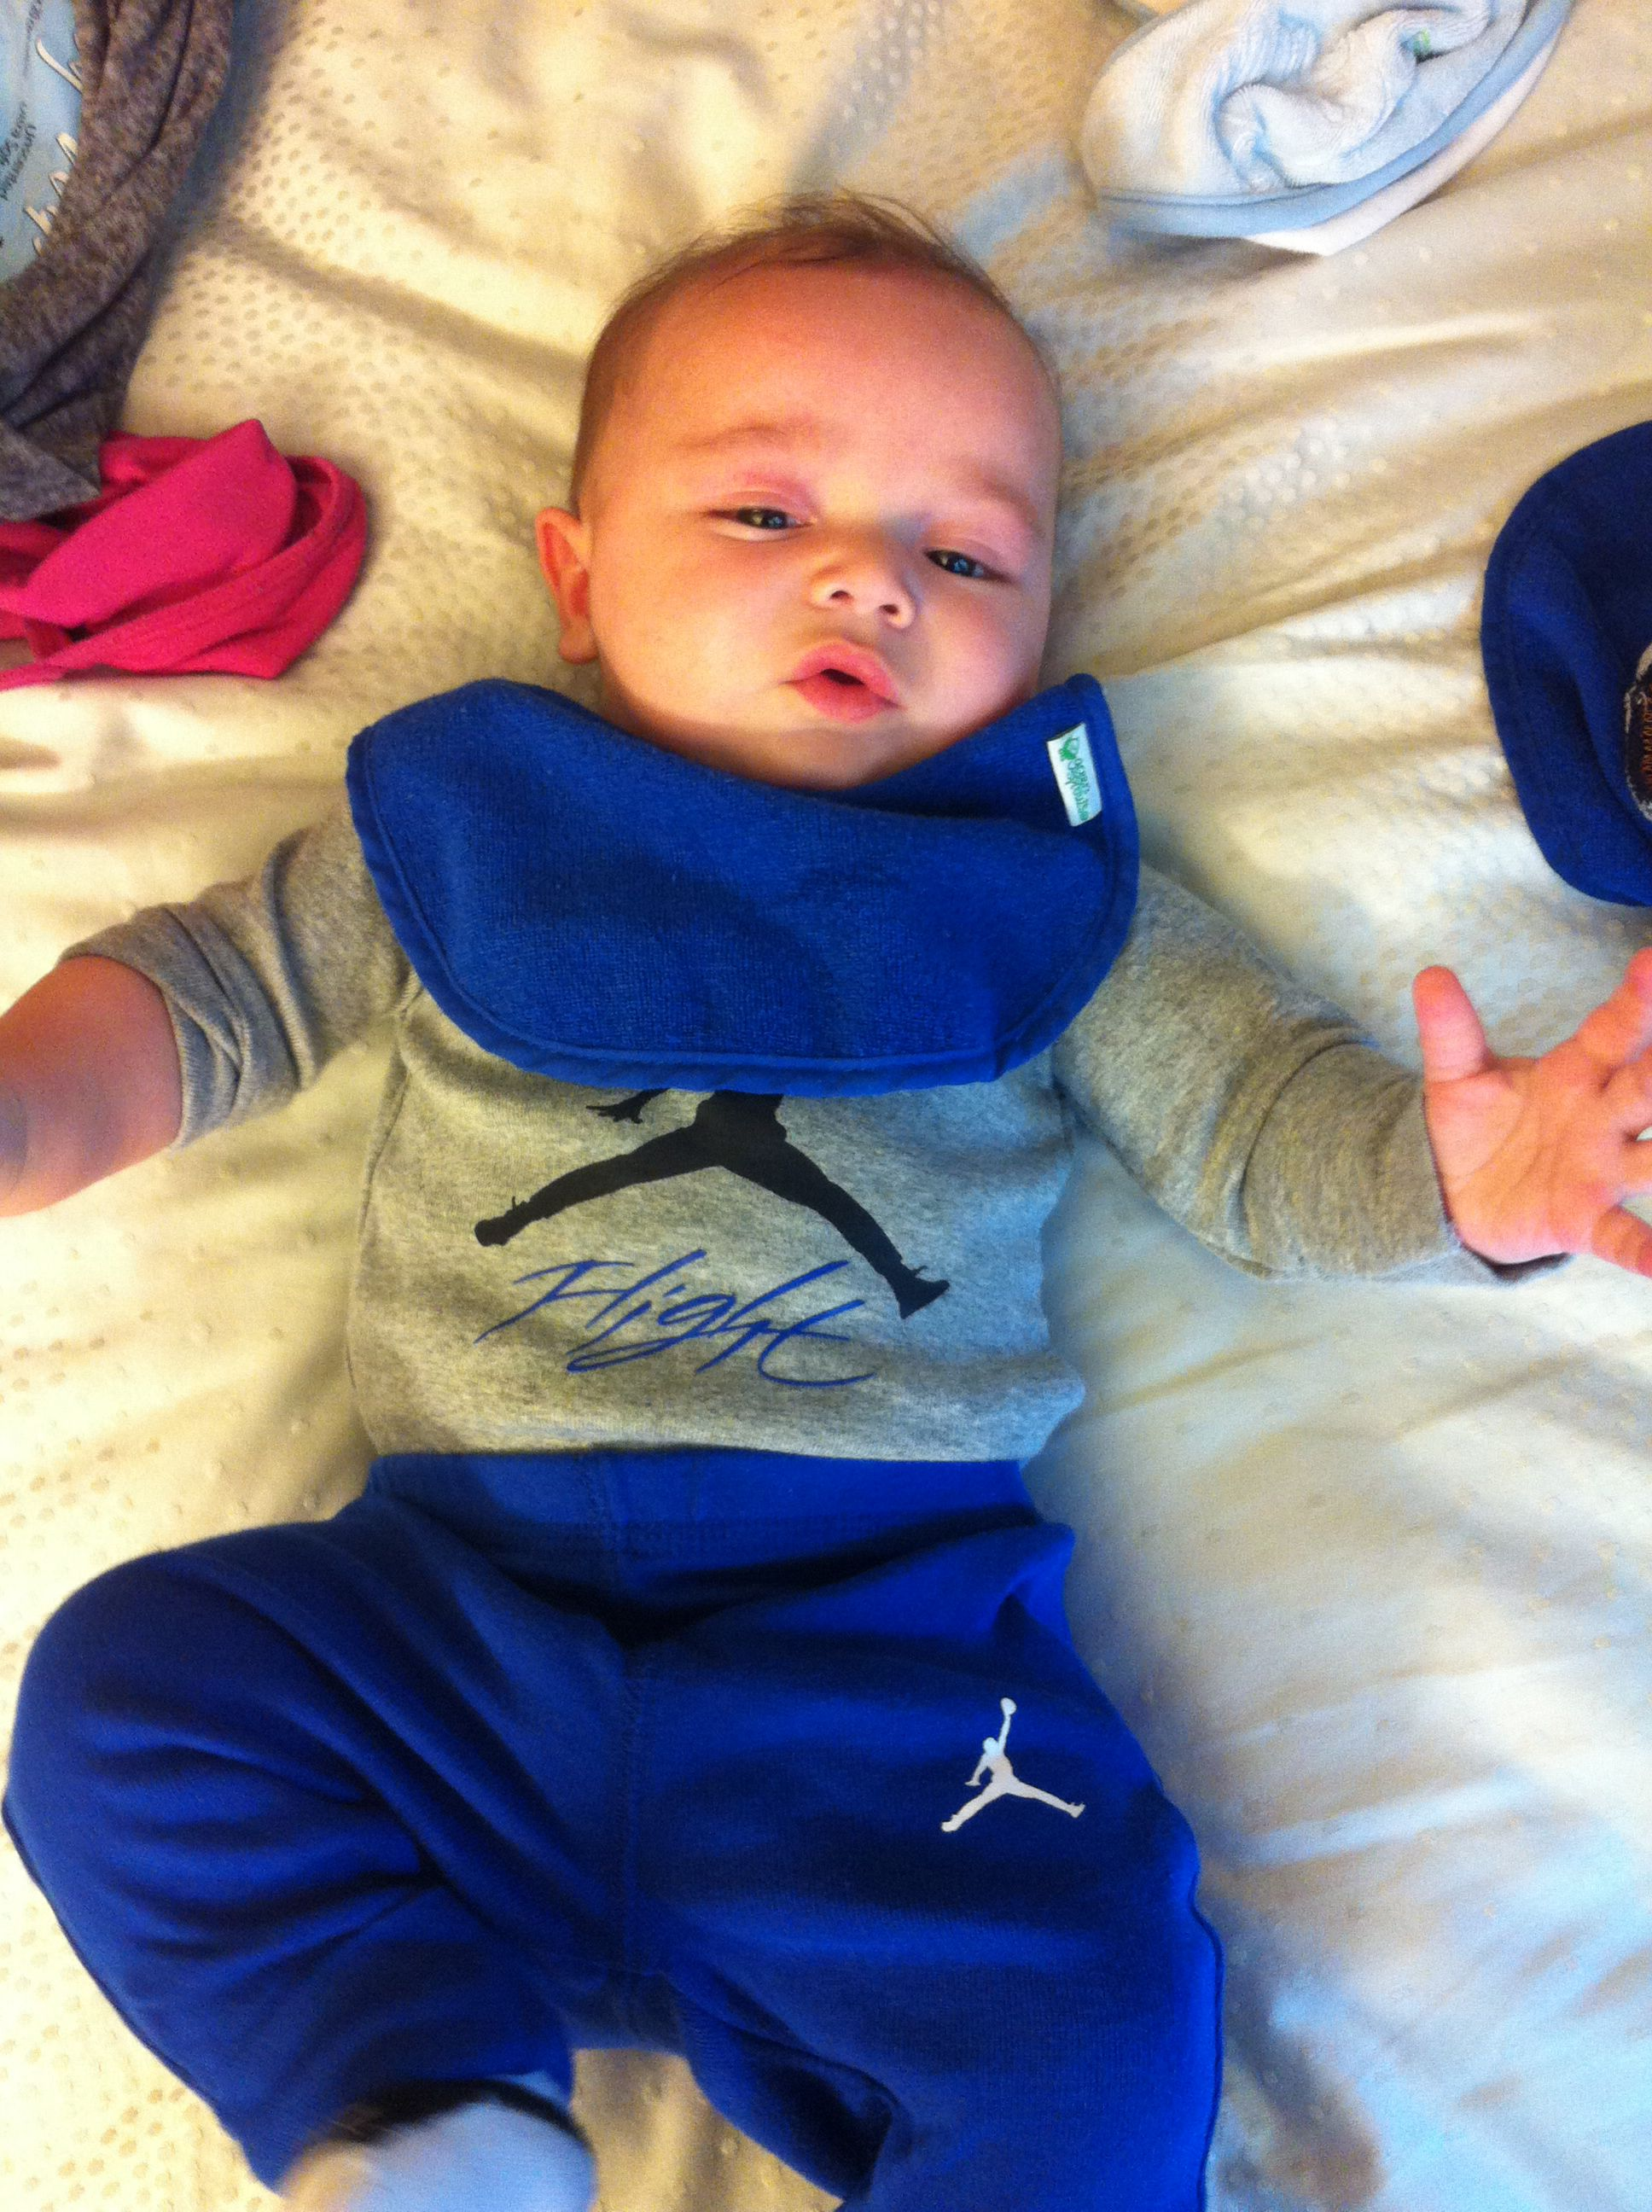 Pin by Esther Sicot on t h e b a b i e s  Baby boy jordan outfits